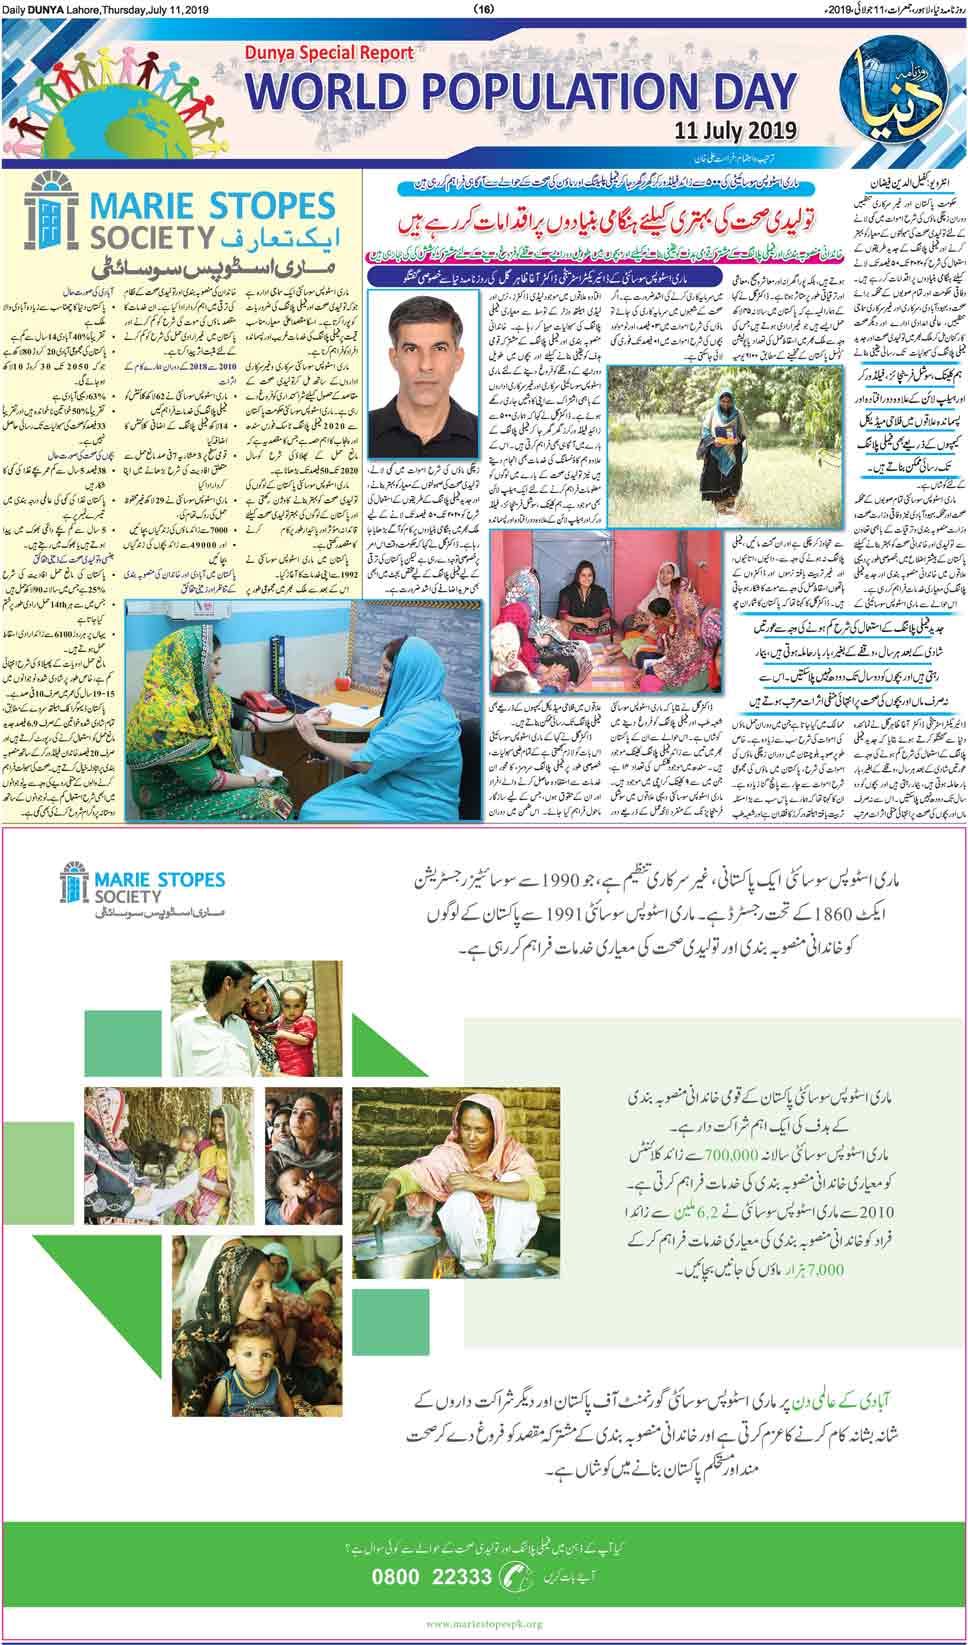 DAILY EXPRESS URDU NEWSPAPER MULTAN - Daily Islam Urdu